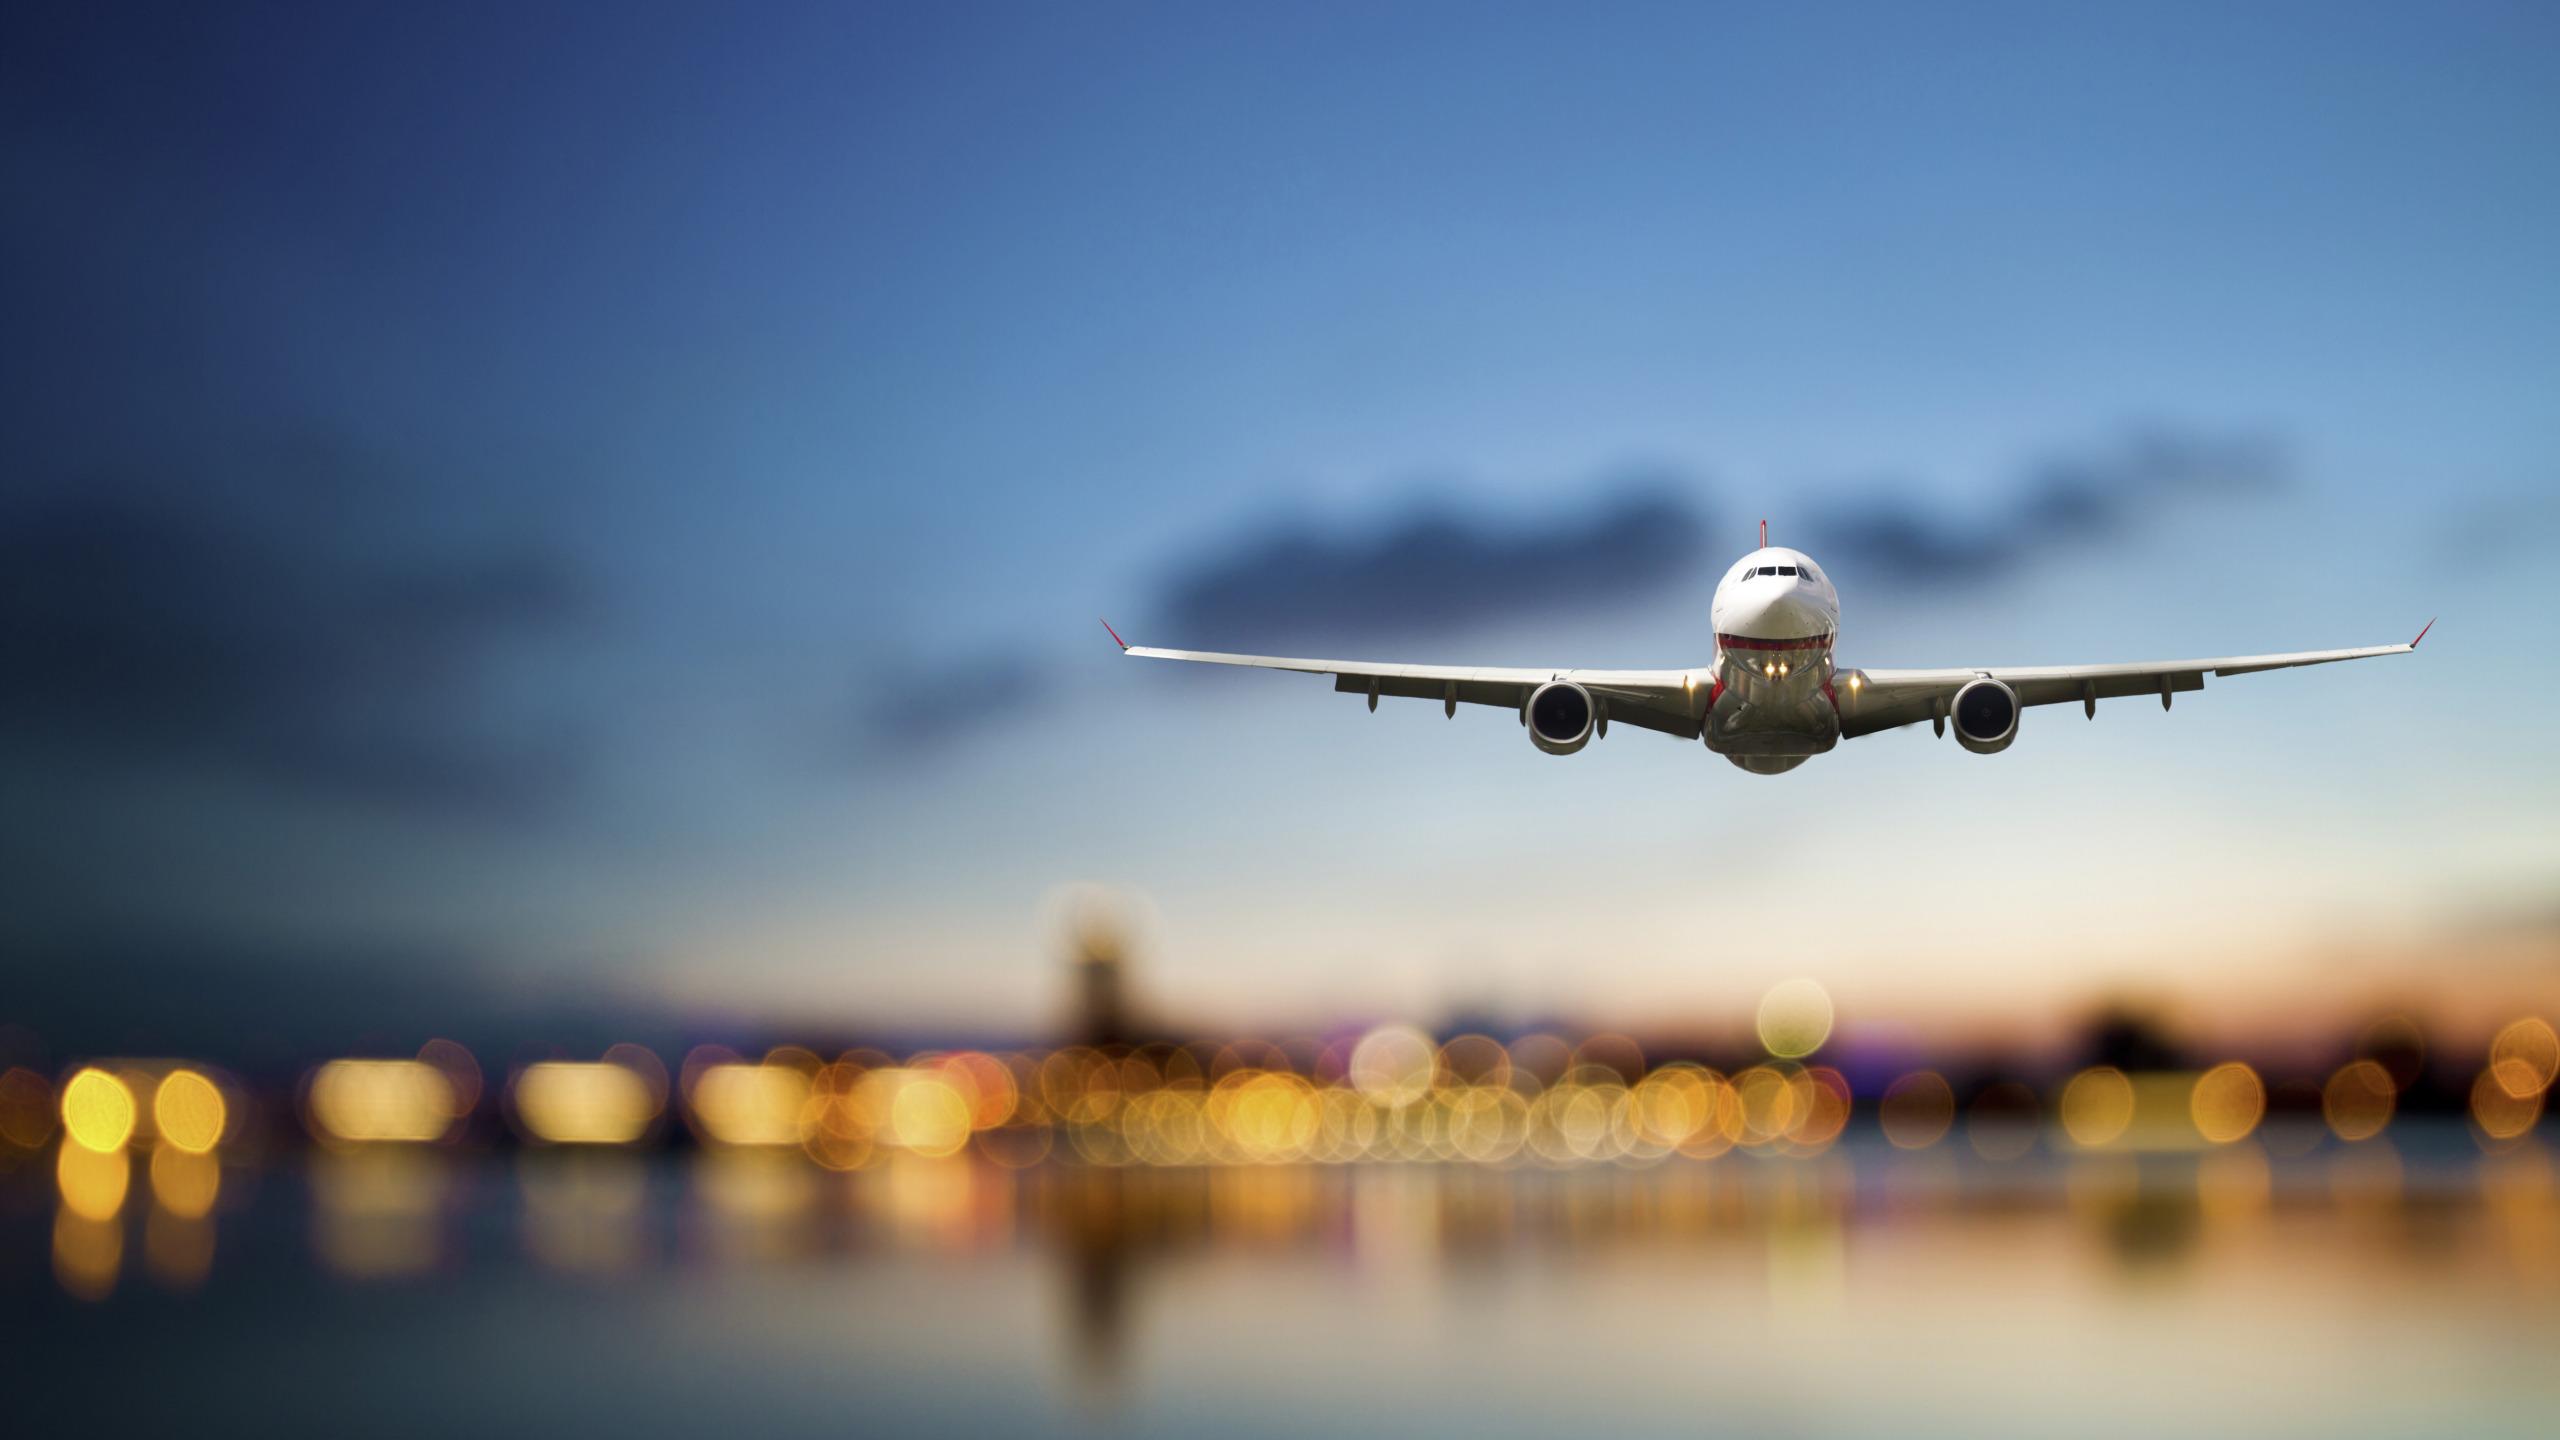 камин самолет взлет фото выполняем